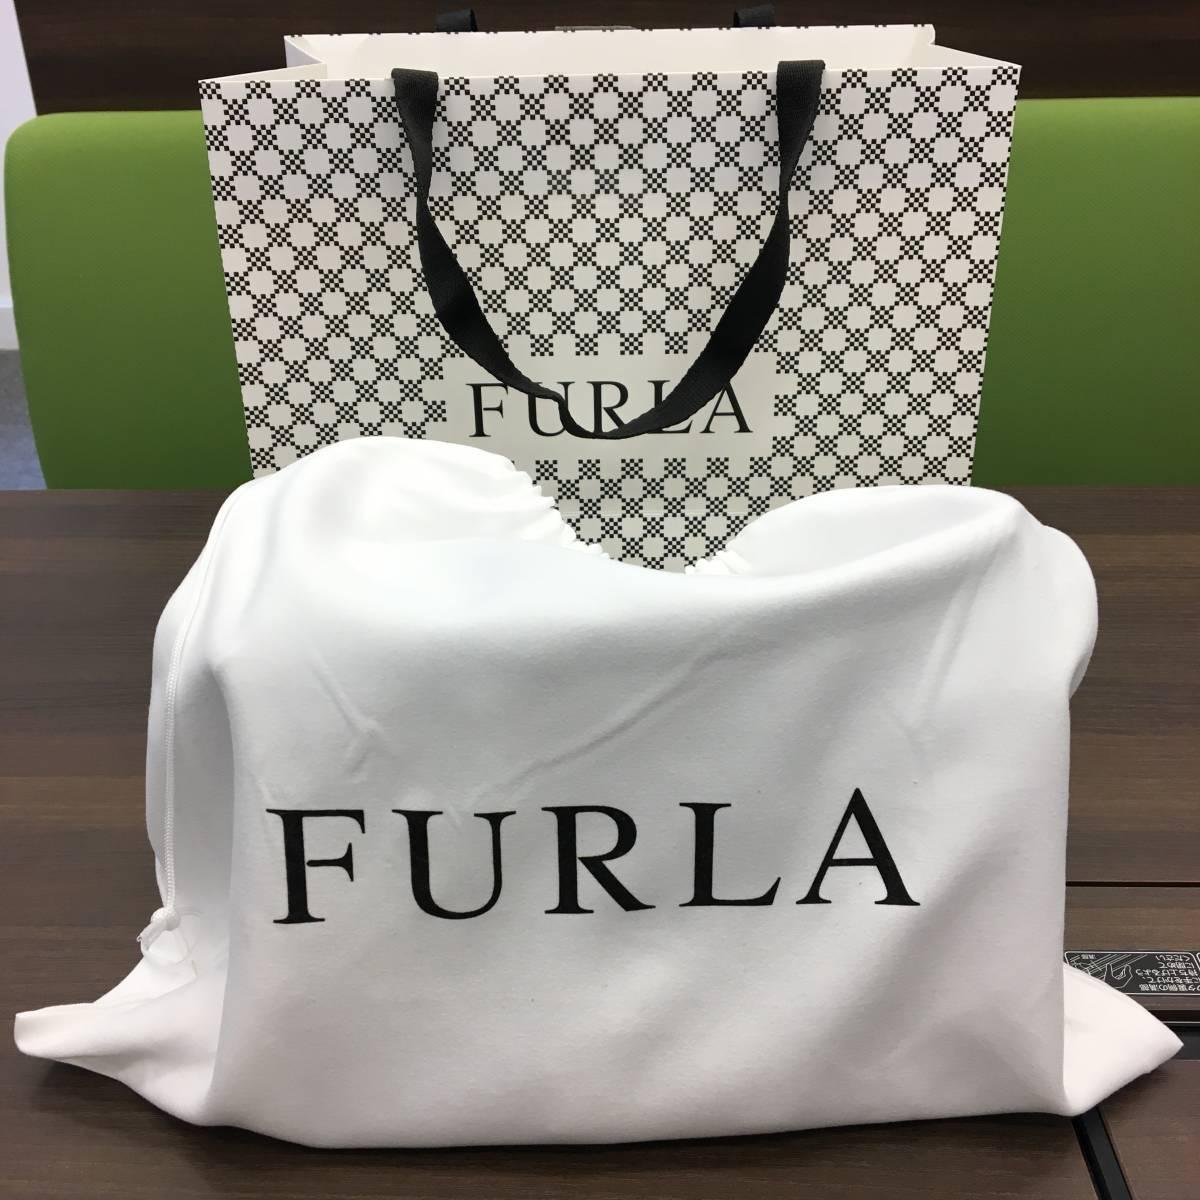 新品未使用 FURLA フルラ ショルダーバッグ 保存袋付き